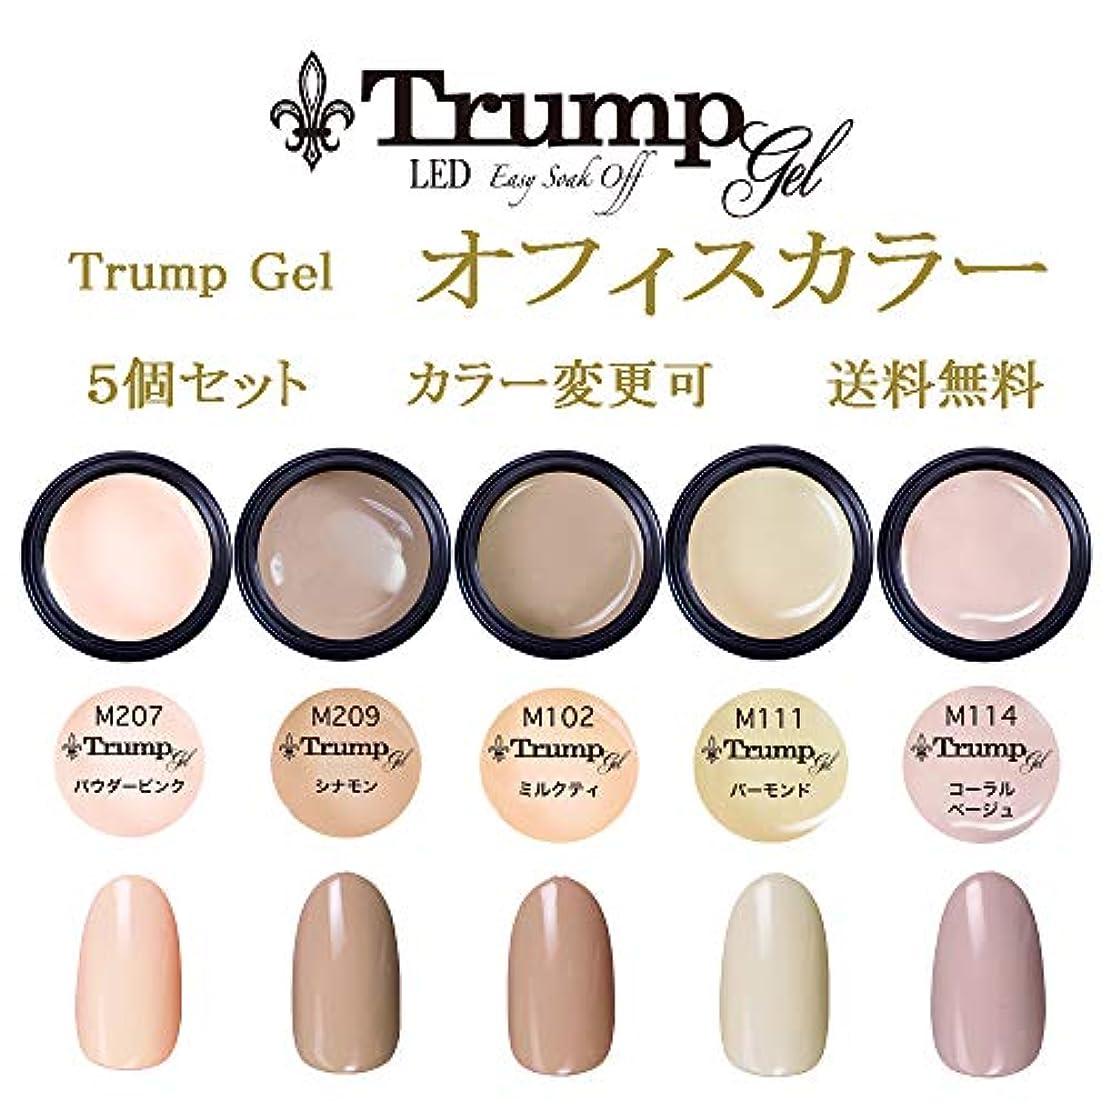 水差し大きなスケールで見ると分離する日本製 Trump gel トランプジェル オフィスカラー 選べる カラージェル 5個セット ベージュ ブラウン ピンク ホワイト ビジネス カジュアル オフィス